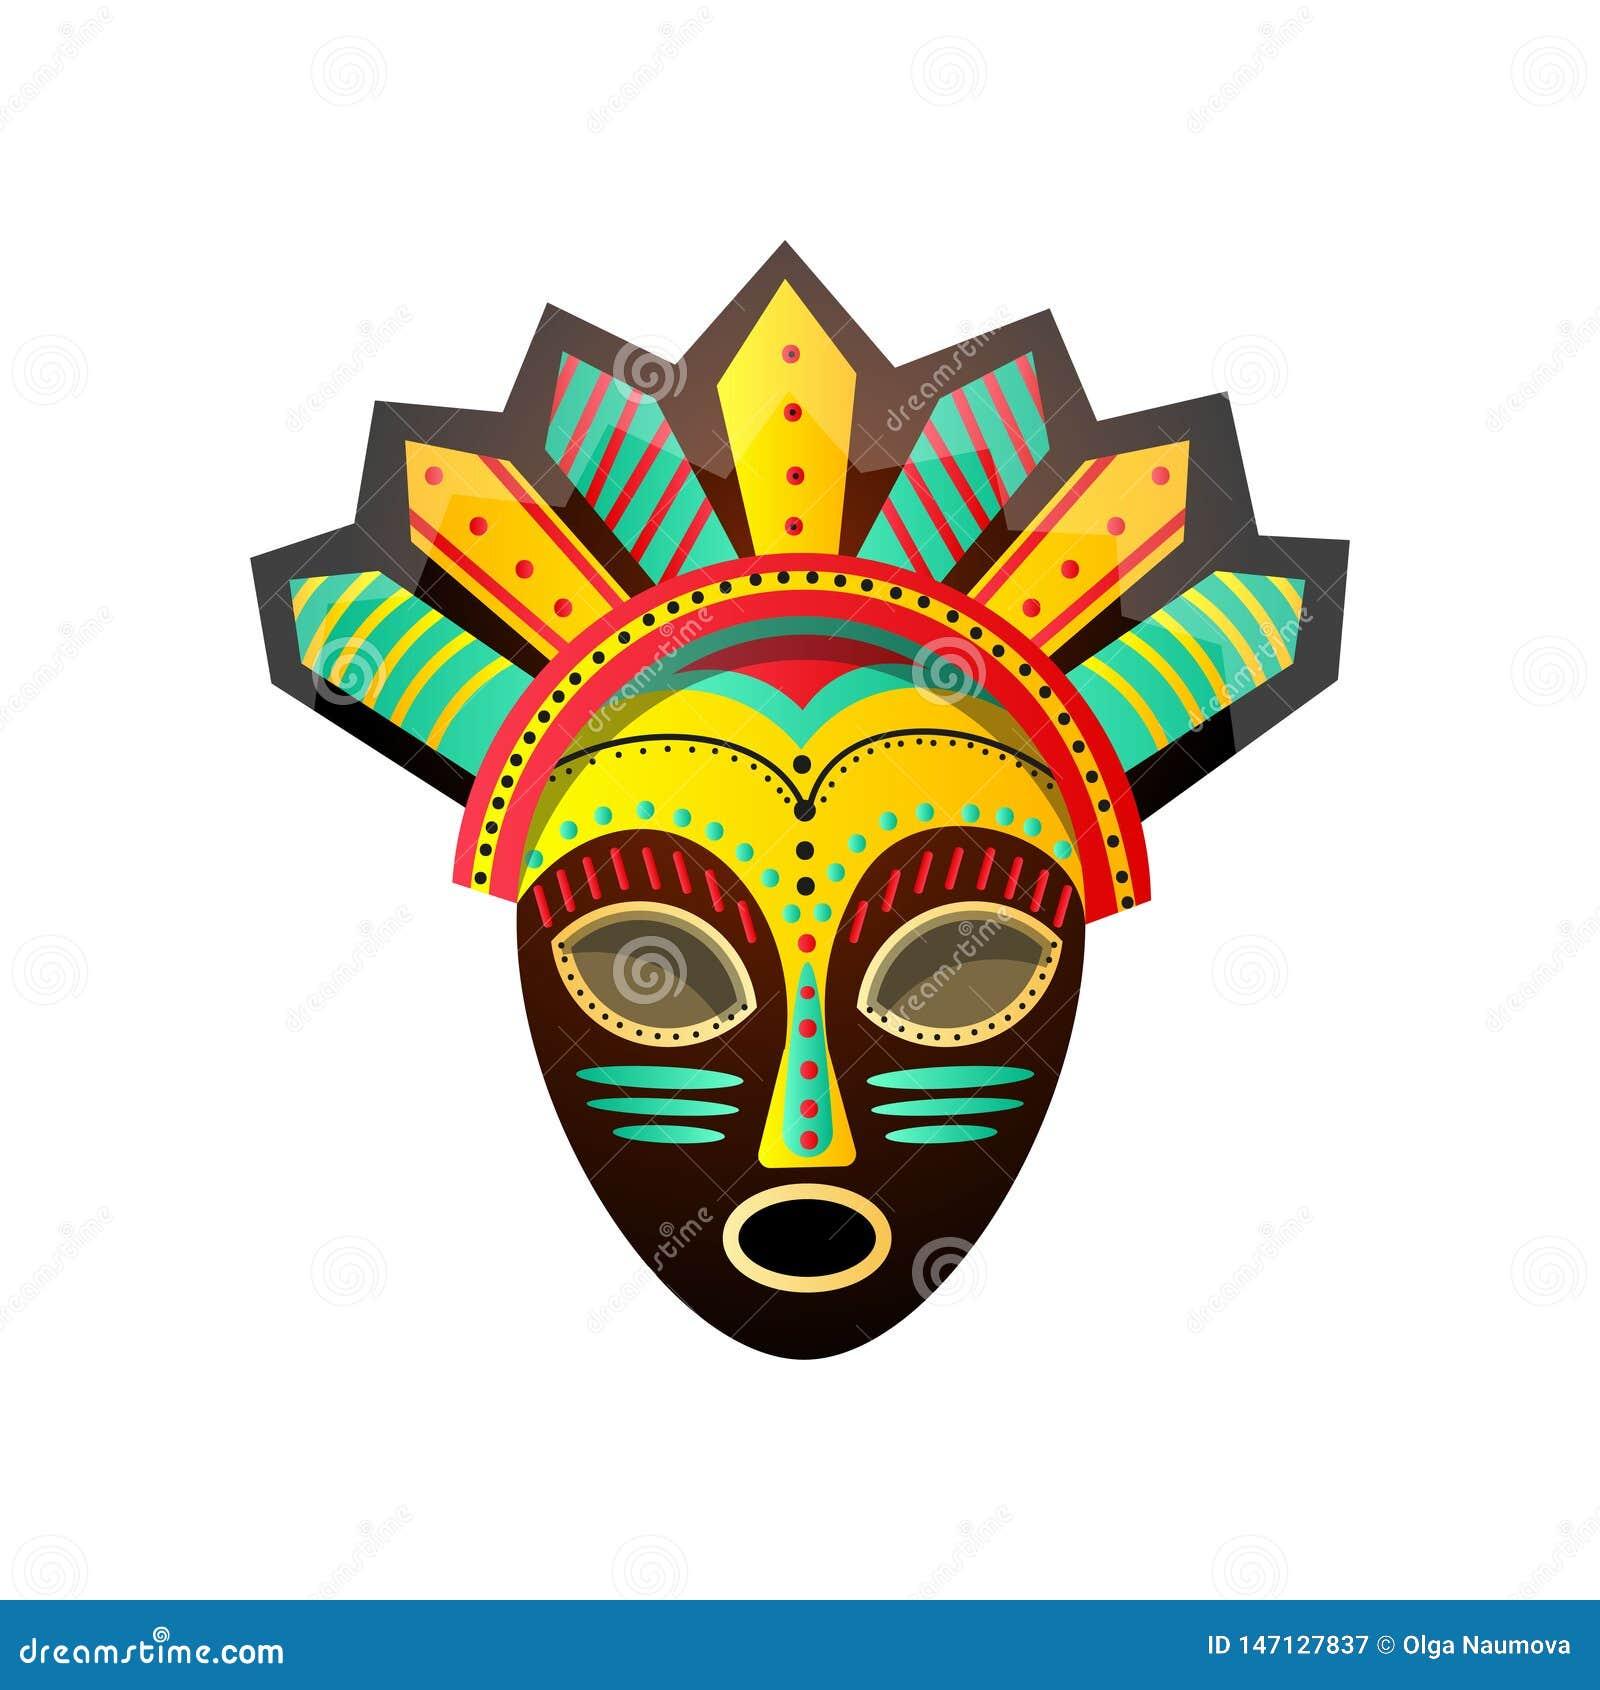 Leuk kleurrijk ritueel Afrikaans masker, met rode, groene, gele kleur